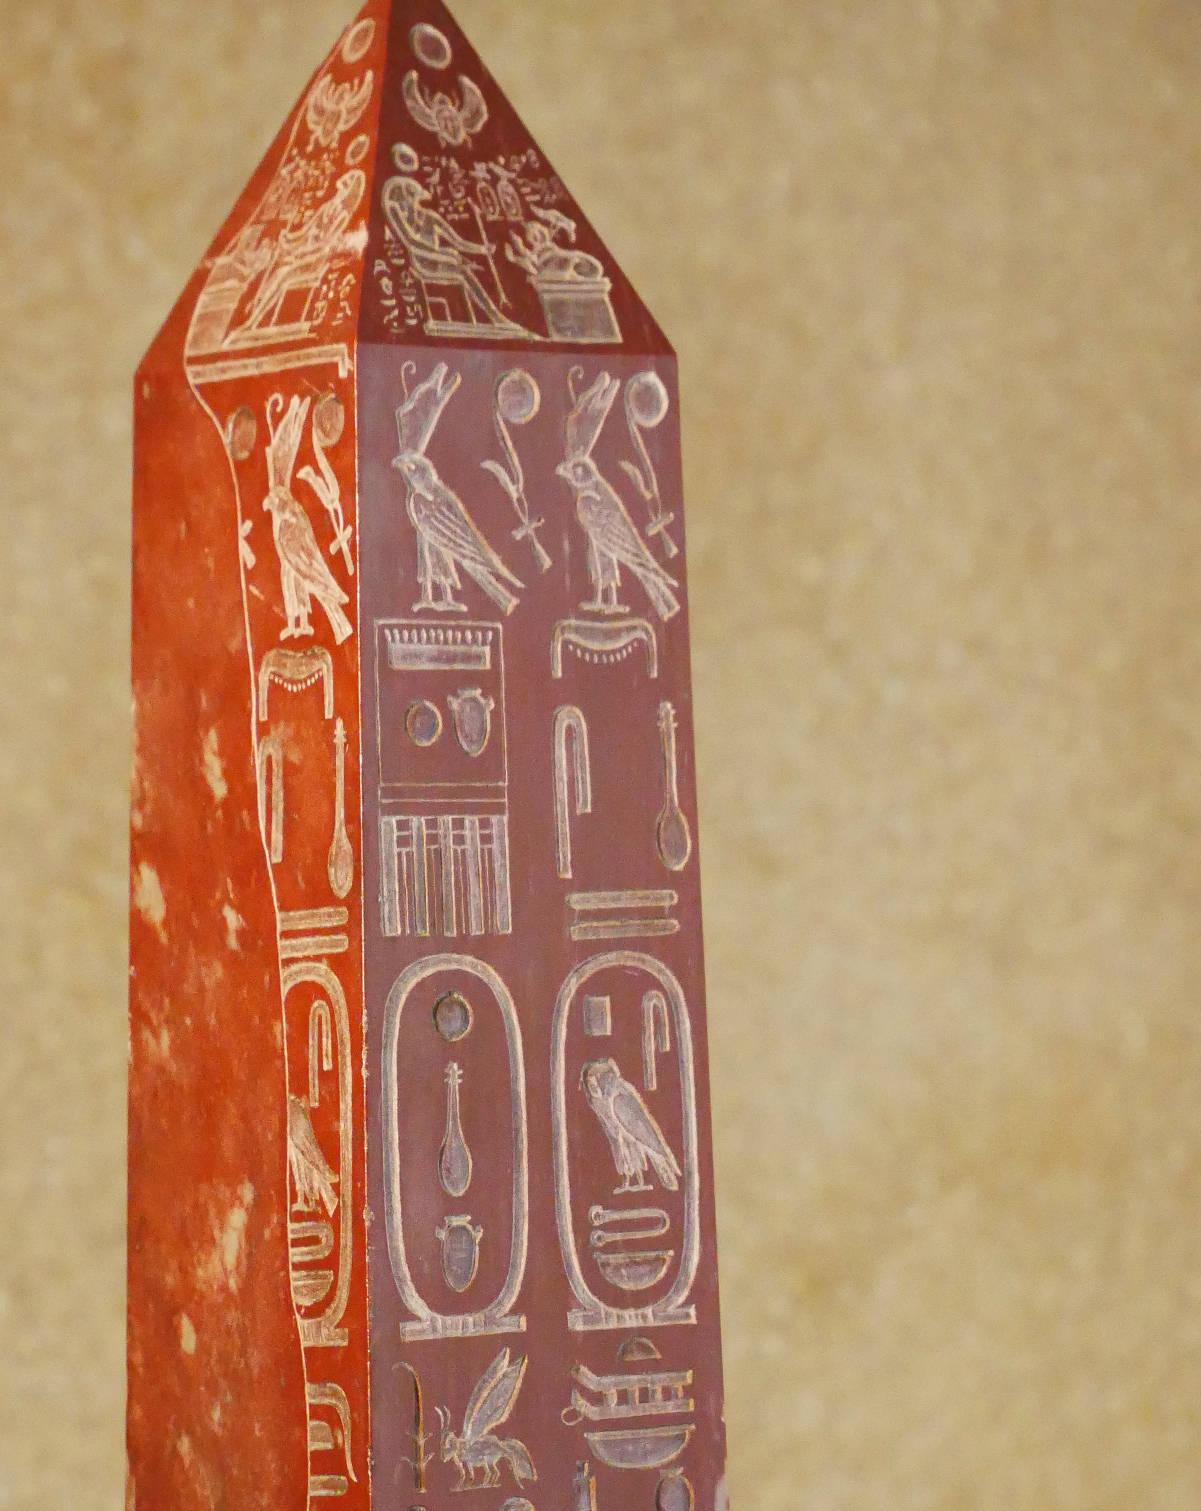 Detailansicht der Hieroglyphen